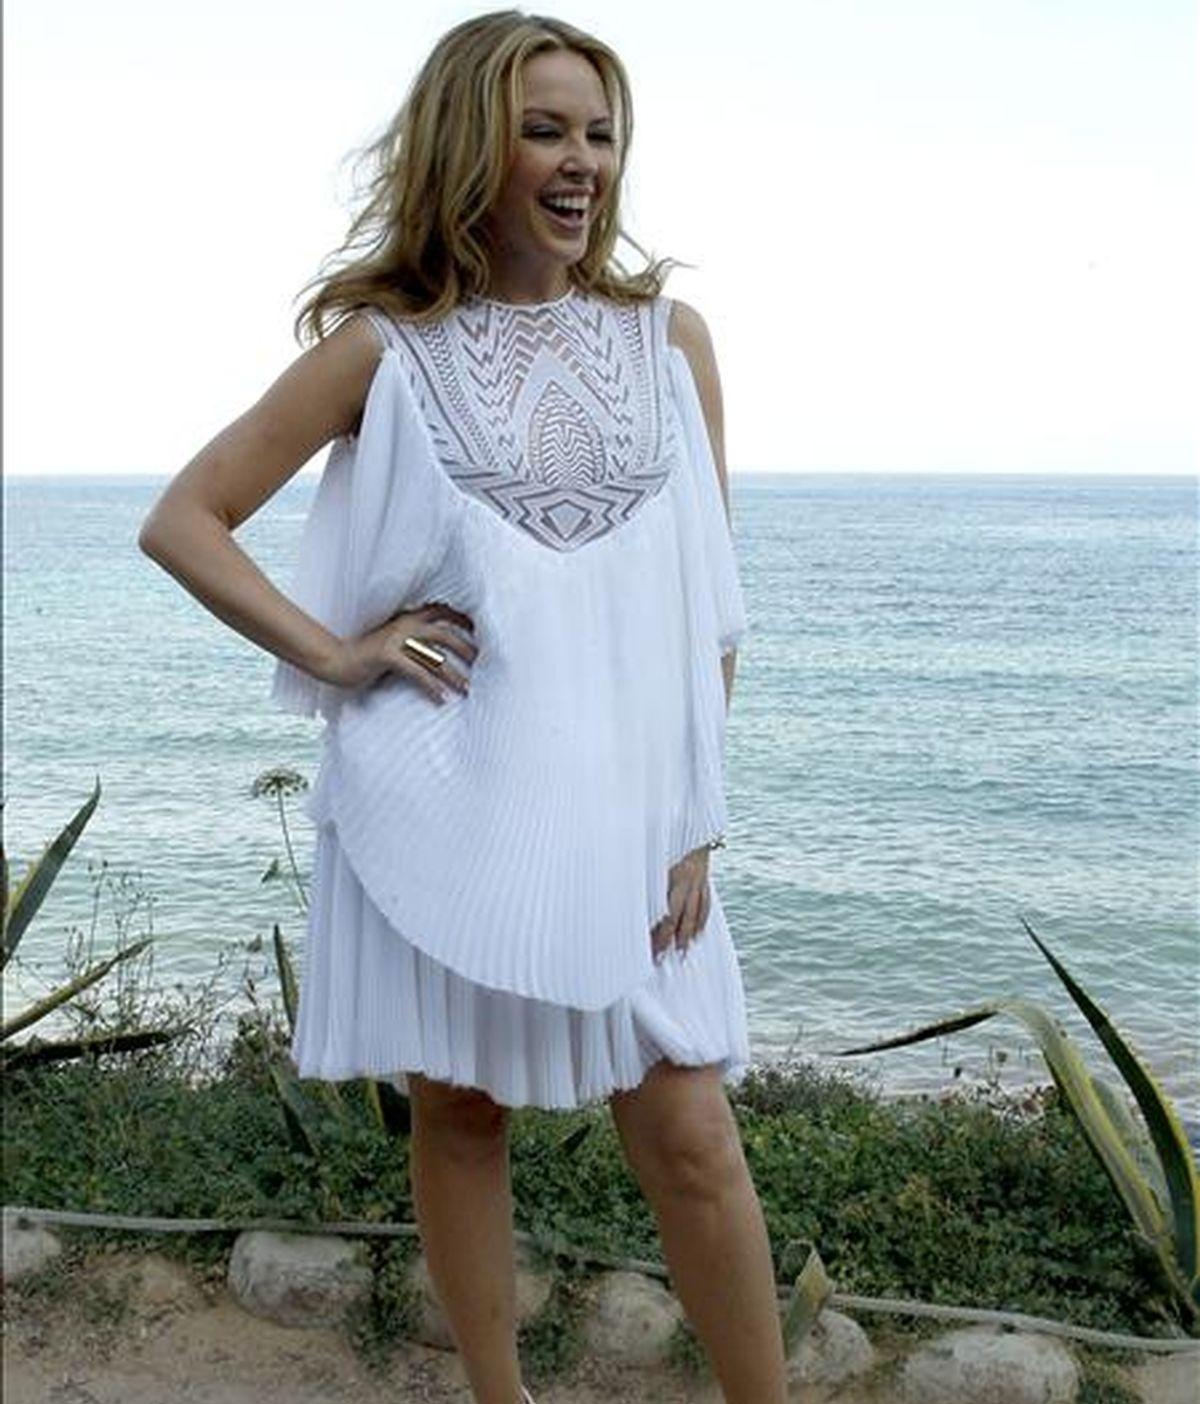 """La cantante australiana Kylie Minogue durante la rueda de prensa que ofreció  en Ibiza para presentar su nuevo albúm """"Aphrodite"""". EFE"""